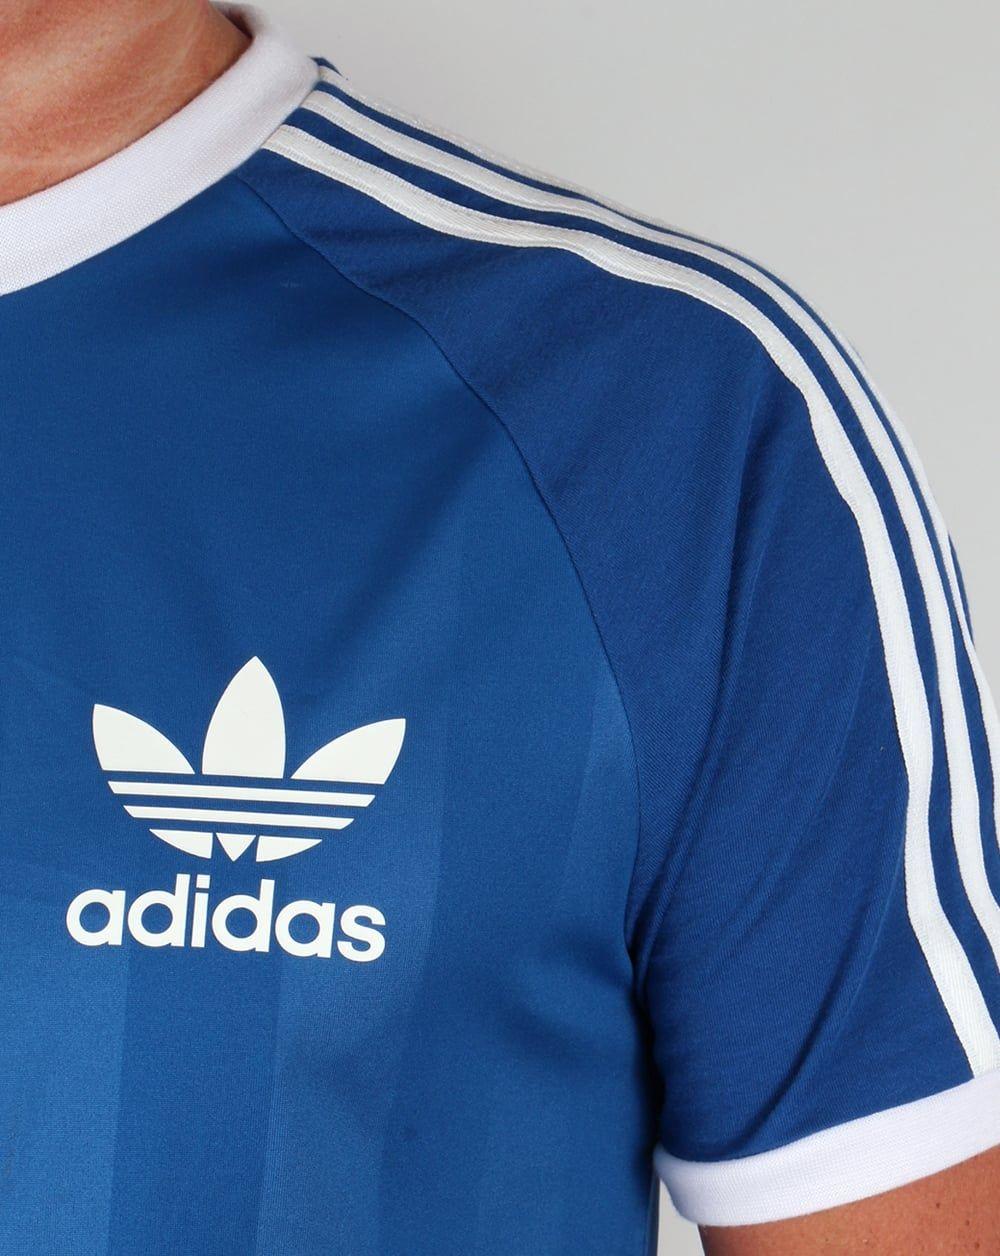 ligero Más bien Sustancialmente  Adidas Retro Old Skool Ringer T-shirt Royal Blue, football, California |  Camisetas, Estilo, Parecia